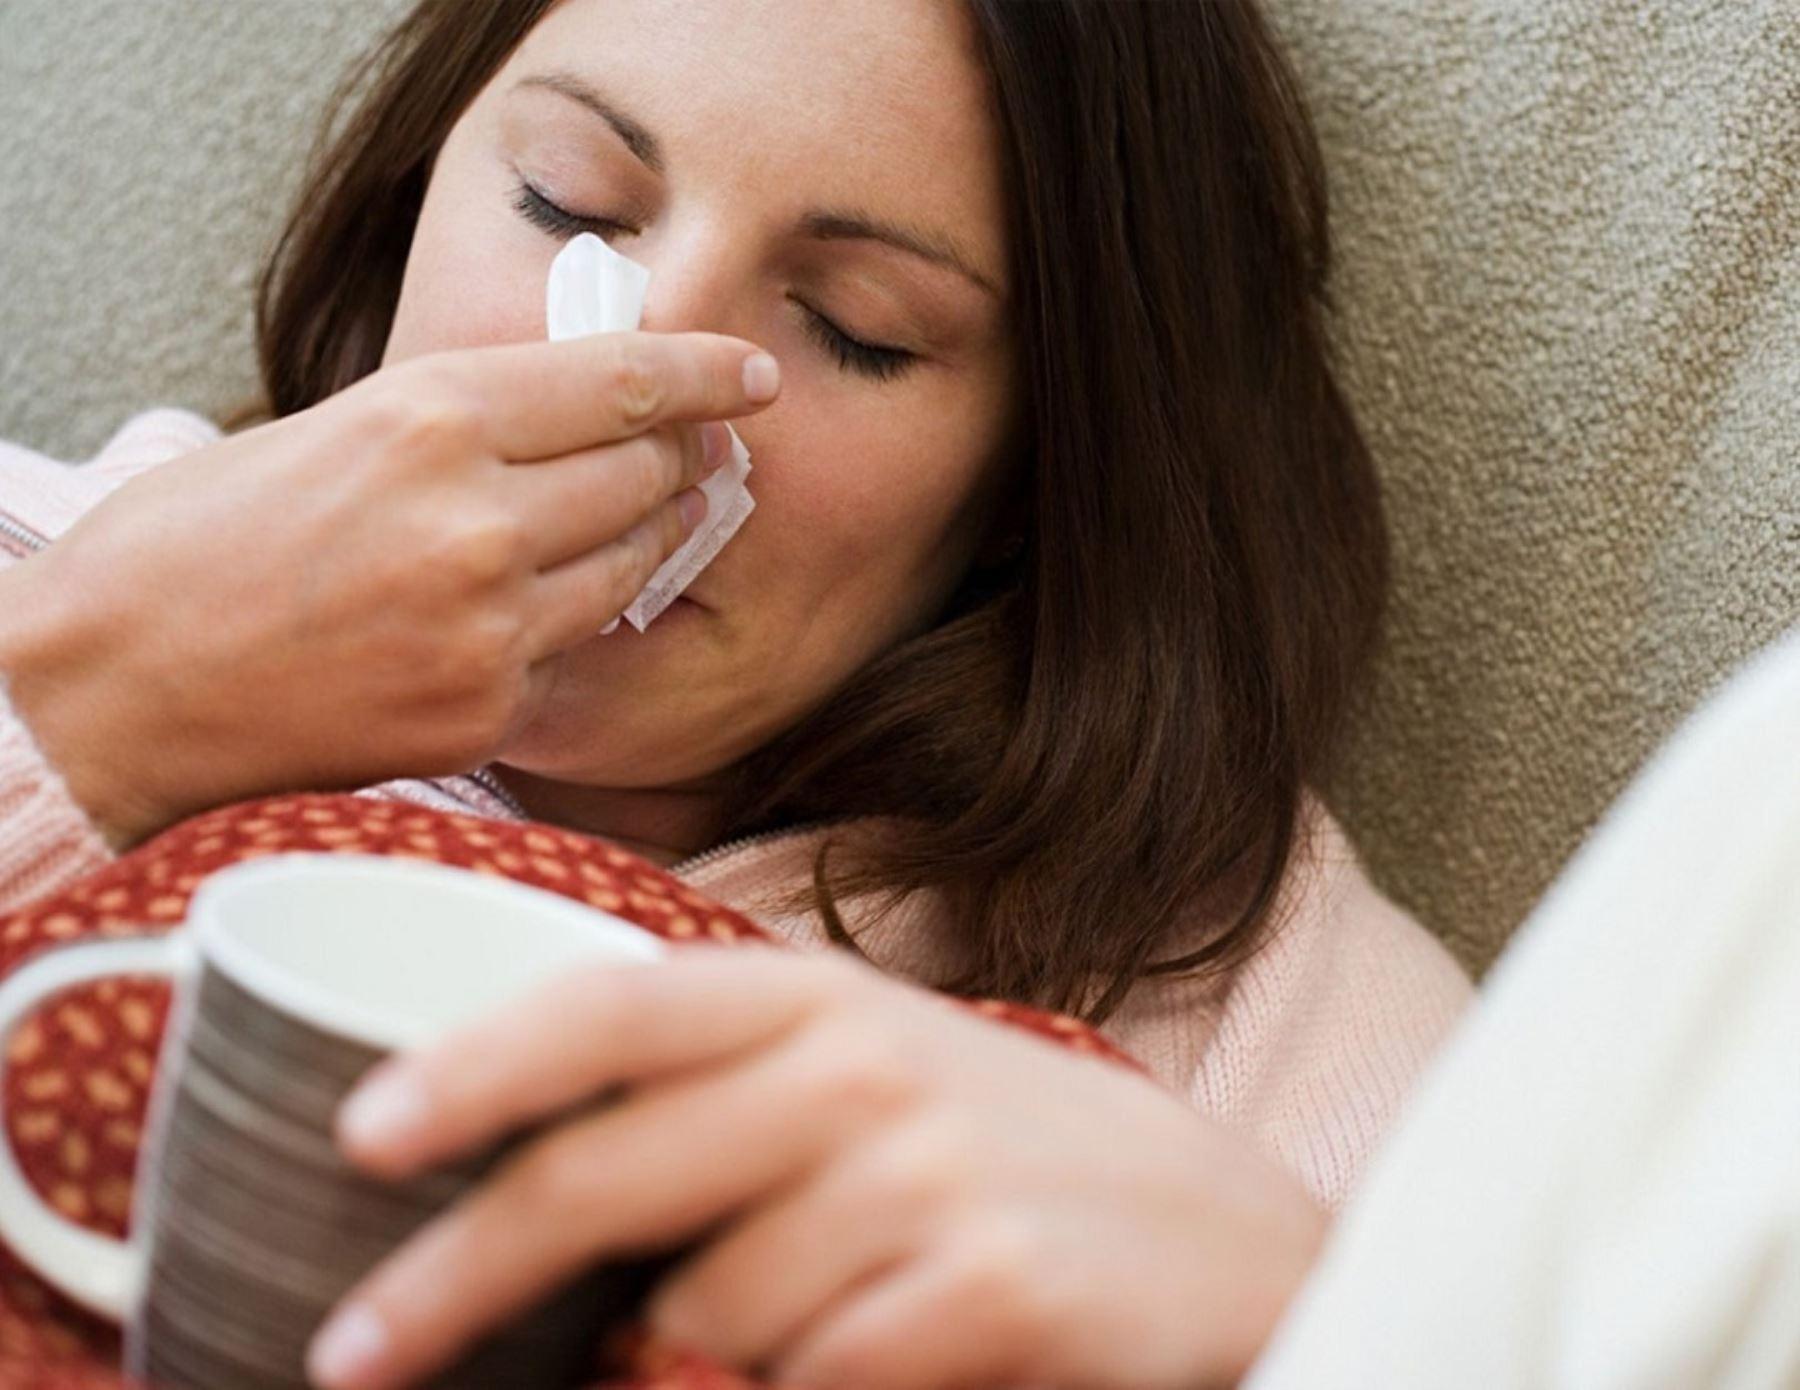 De acuerdo a las cifras de Pacífico Seguros, en el 2017 los casos más frecuentes fueron resfriados (8% de los asegurados) y dolor de garganta (7% de los asegurados) que en promedio ameritaron un gasto de 283 y 230 dólares por atención, respectivamente. Foto: INTERNET/Medios